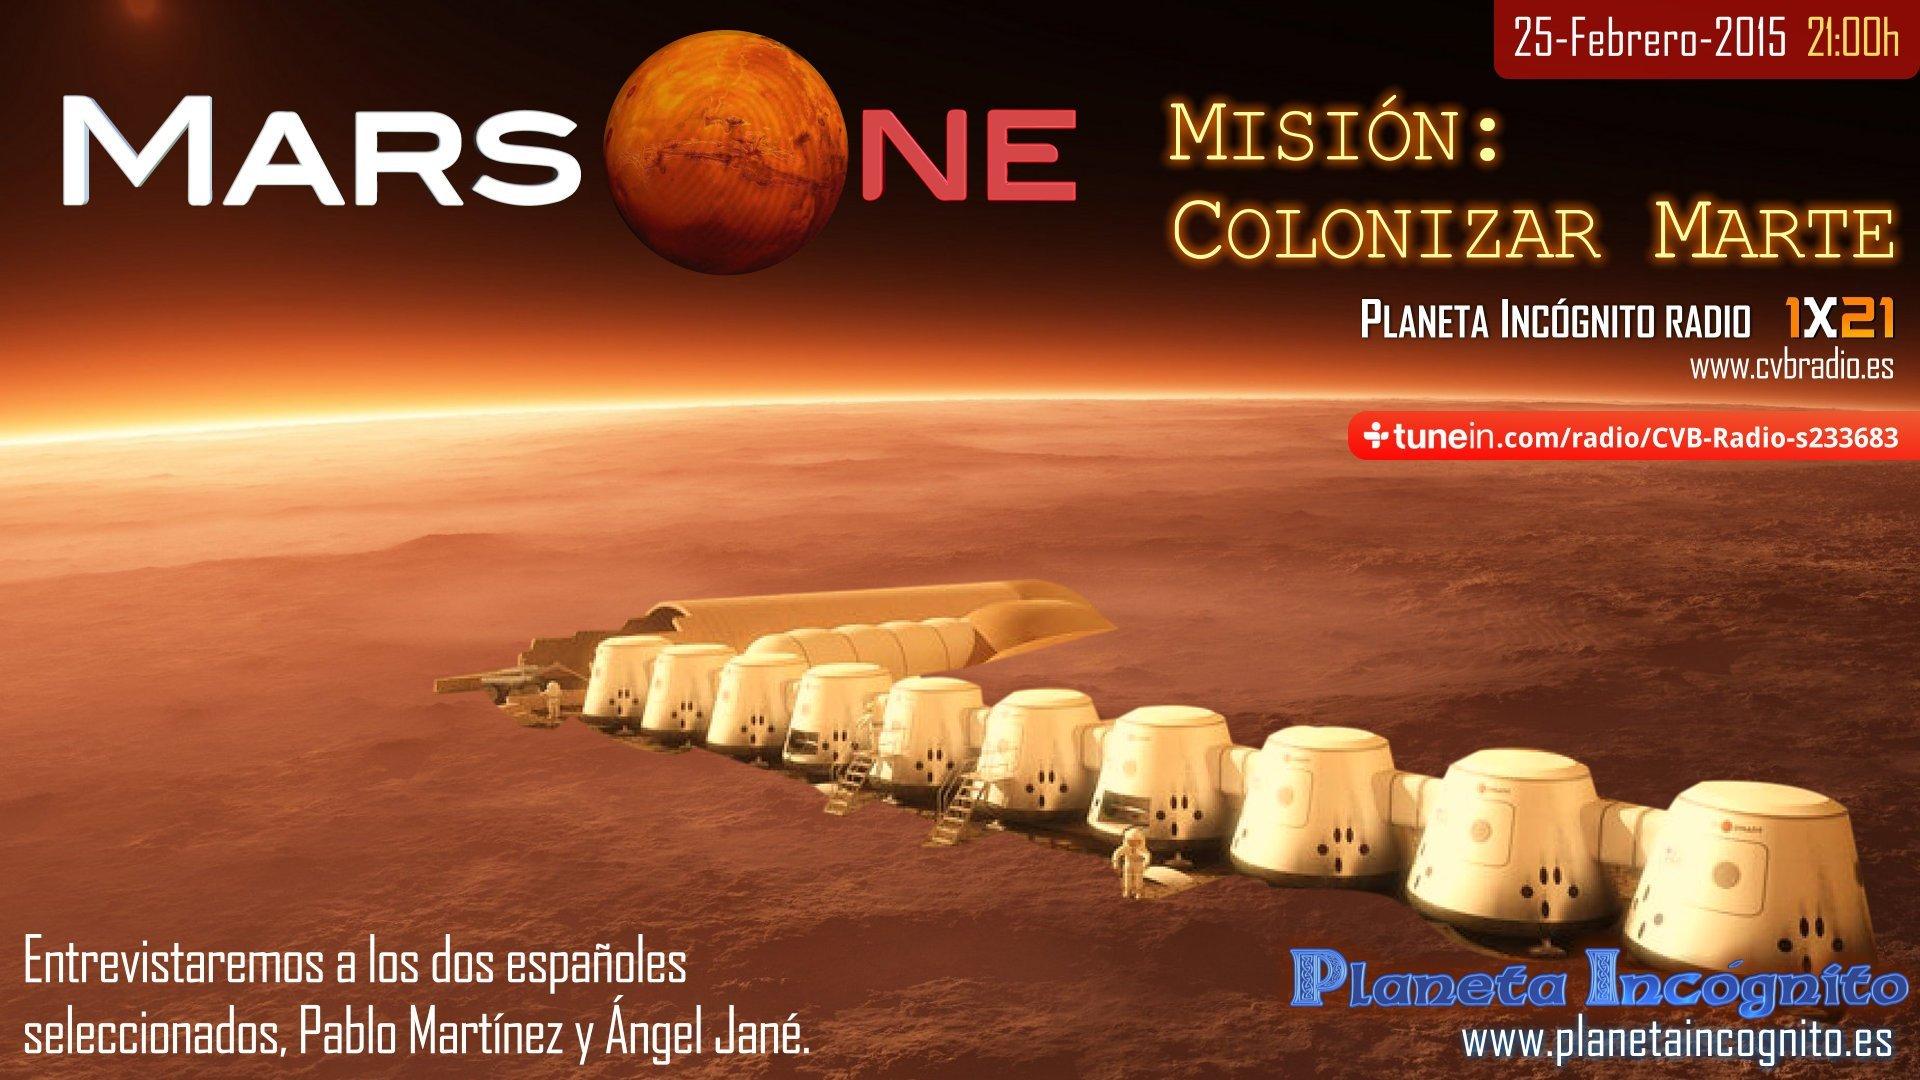 Mars One : Misión Colonizar Marte. Programa 21 de Planeta Incógnito radio . El miércoles 25 de Febrero a las 21h en www.cvbradio.es. También a través de tunein